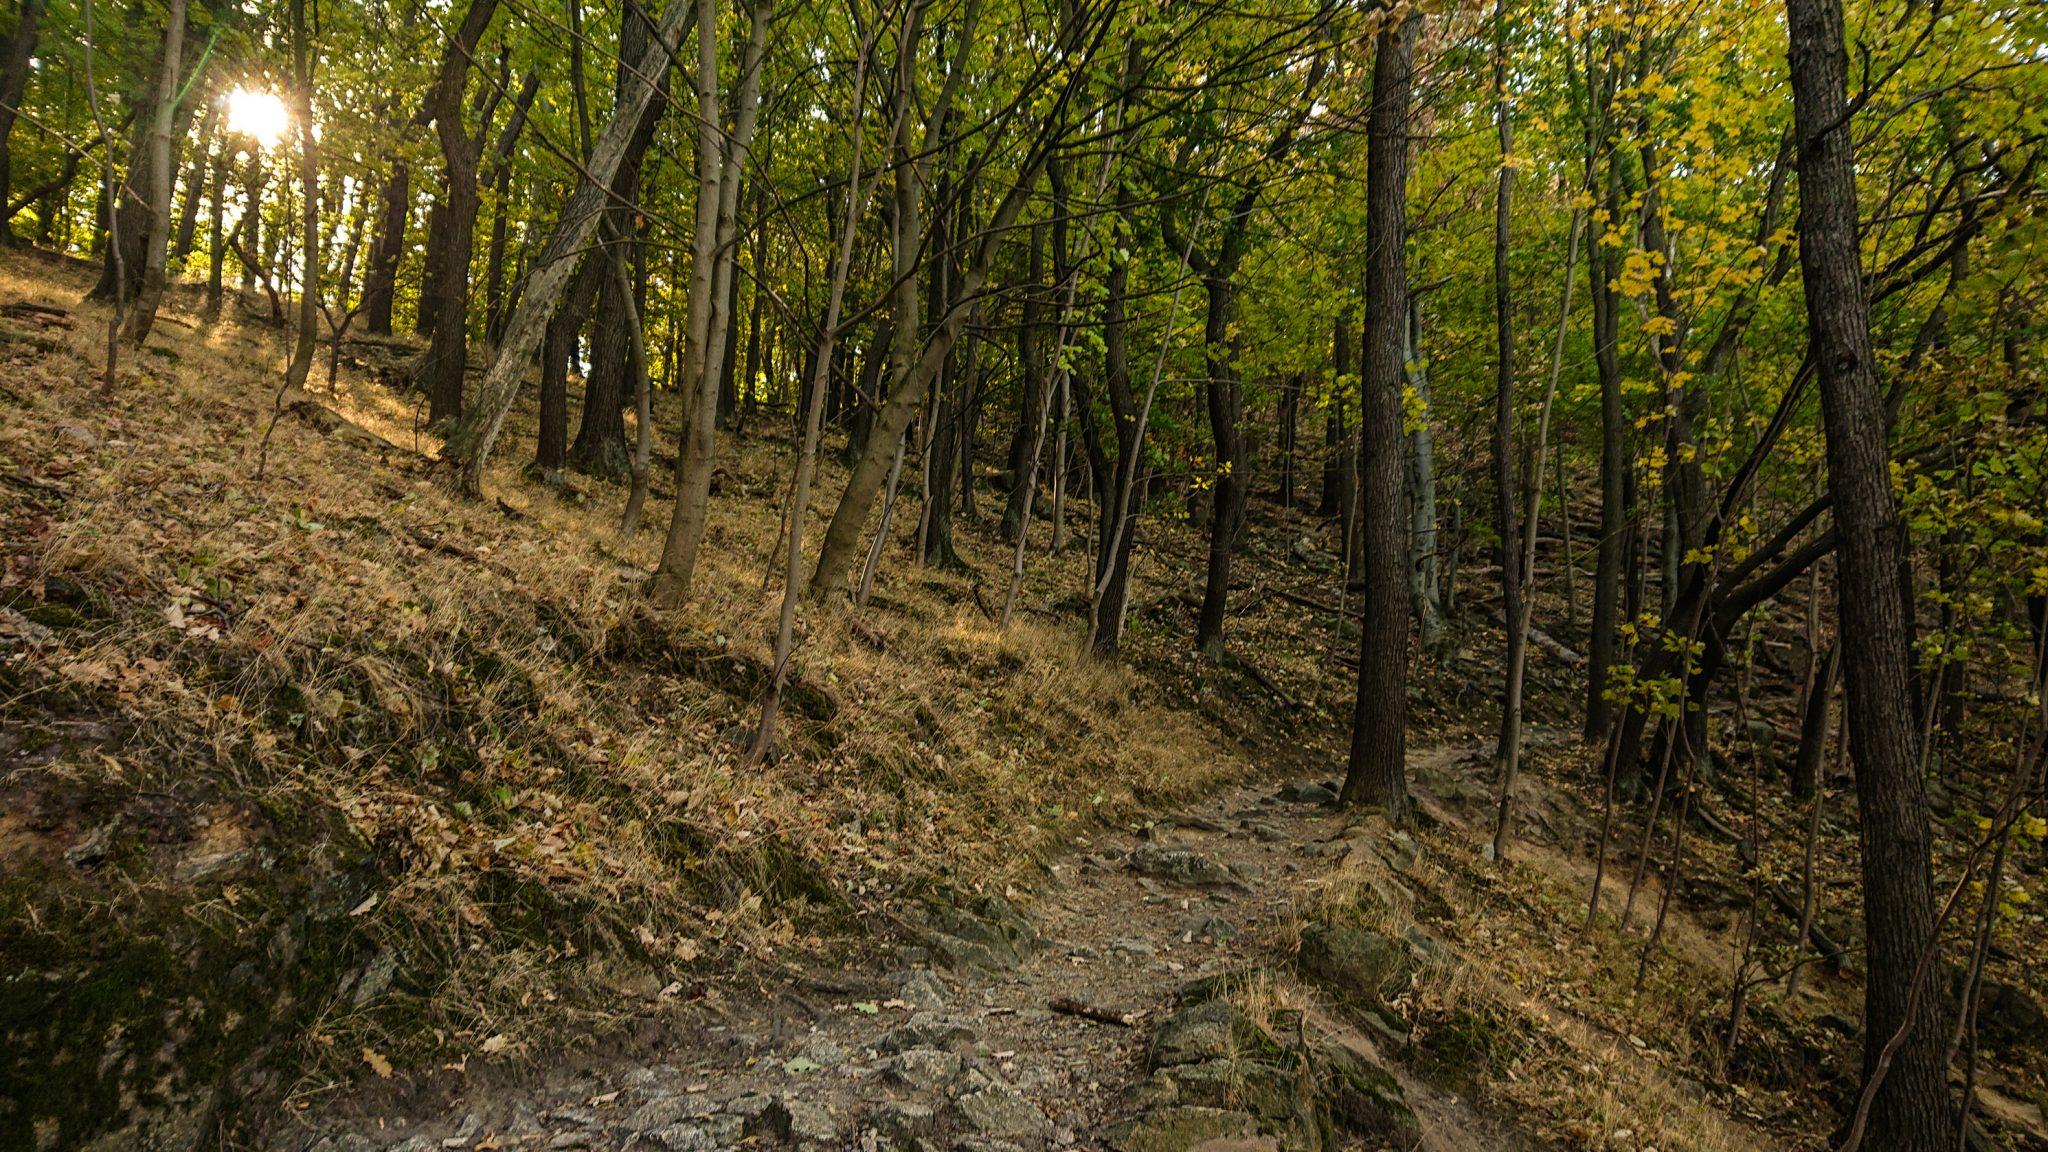 Rundwanderung Thale nach Treseburg - über Hexentanzplatz, Bodetal und Roßtrappe, schmaler Wanderweg hoch auf den Hexentanzplatz über Serpentinen, steiniger Weg durch Wald